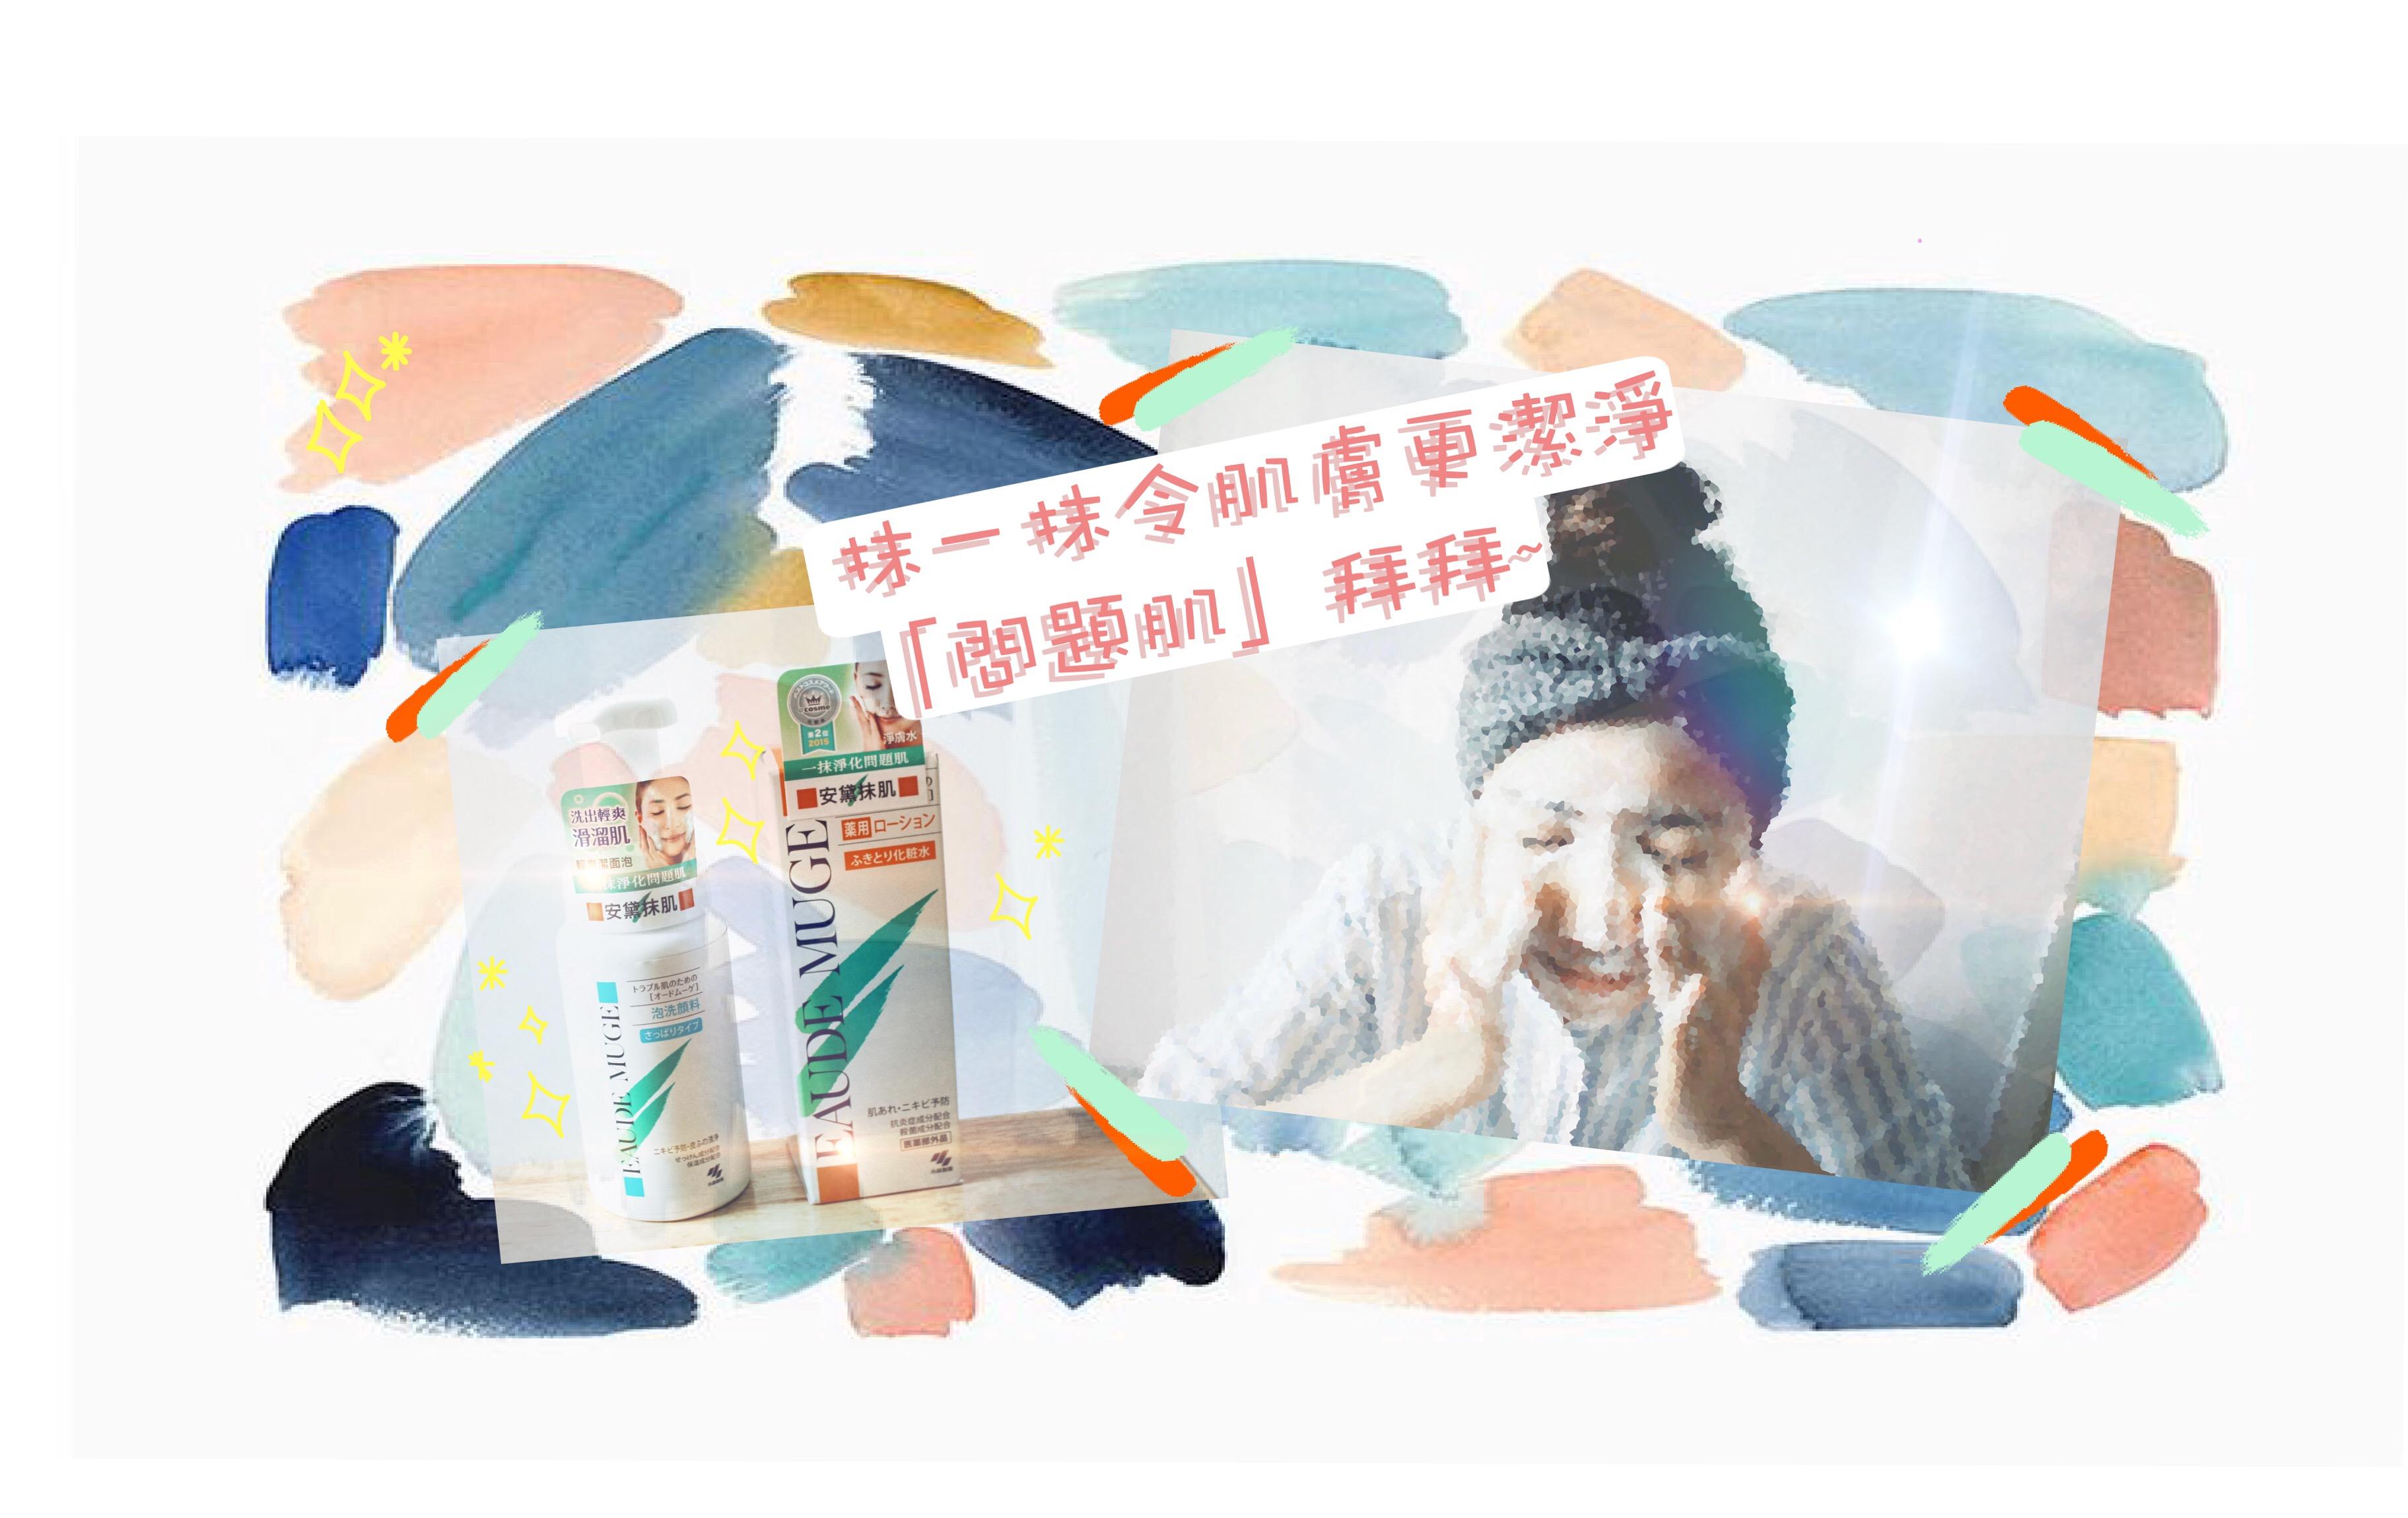 日本人氣熱賣淨膚水 EAUDE MUGE 正式登陸香港!!!